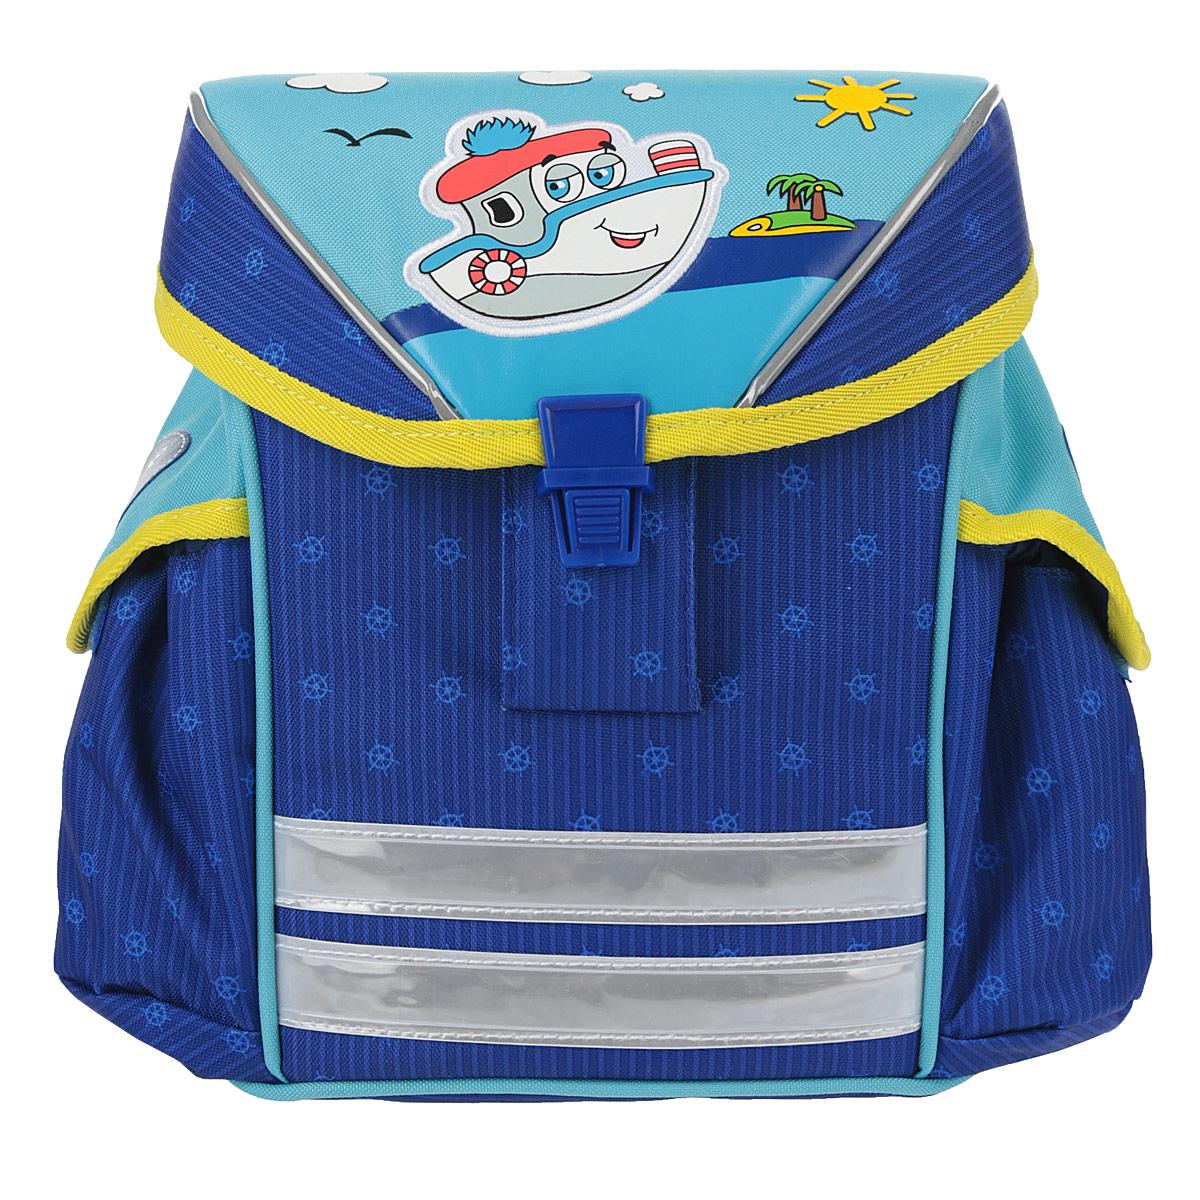 Мини-ранец Artberry Кораблик, цвет: синий, голубой72523WDМини-ранец Artberry Кораблик обязательно понравится вашему ребенку. Выполнен из высококачественных, износостойких материалов с водоотталкивающей пропиткой и оформлен изображением веселого кораблика.Содержит одно вместительное отделение, закрывающееся клапаном на застежку-защелку. Внутри отделения имеется открытый небольшой кармашек. Мини-ранец имеет два накладных боковых кармана на липучке. Спинка ранца достаточно твердая, что способствует равномерному распределению нагрузки и формированию правильной осанки. Ранец оснащен регулируемыми по длине плечевыми ремнями и дополнен текстильной ручкой для переноски. Светоотражающие элементы обеспечивают дополнительную безопасность в темное время суток.Этот мини-ранец можно использовать для повседневных прогулок, отдыха и спорта, а также как элемент вашего имиджа.Рекомендуемый возраст: от 3 лет.